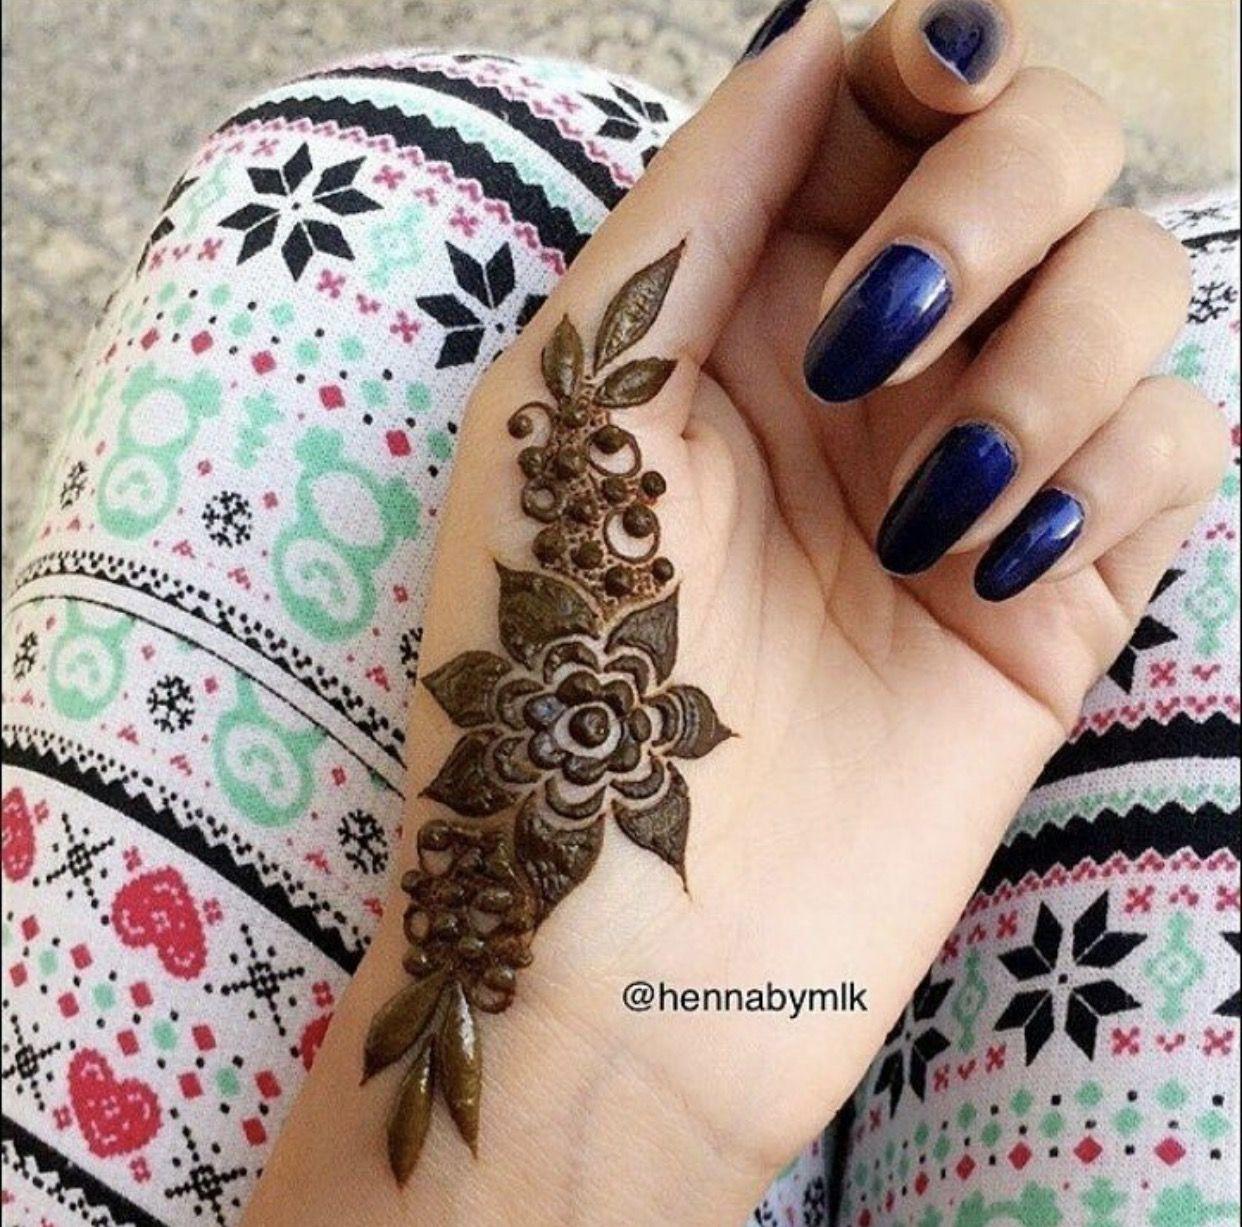 Good henna design